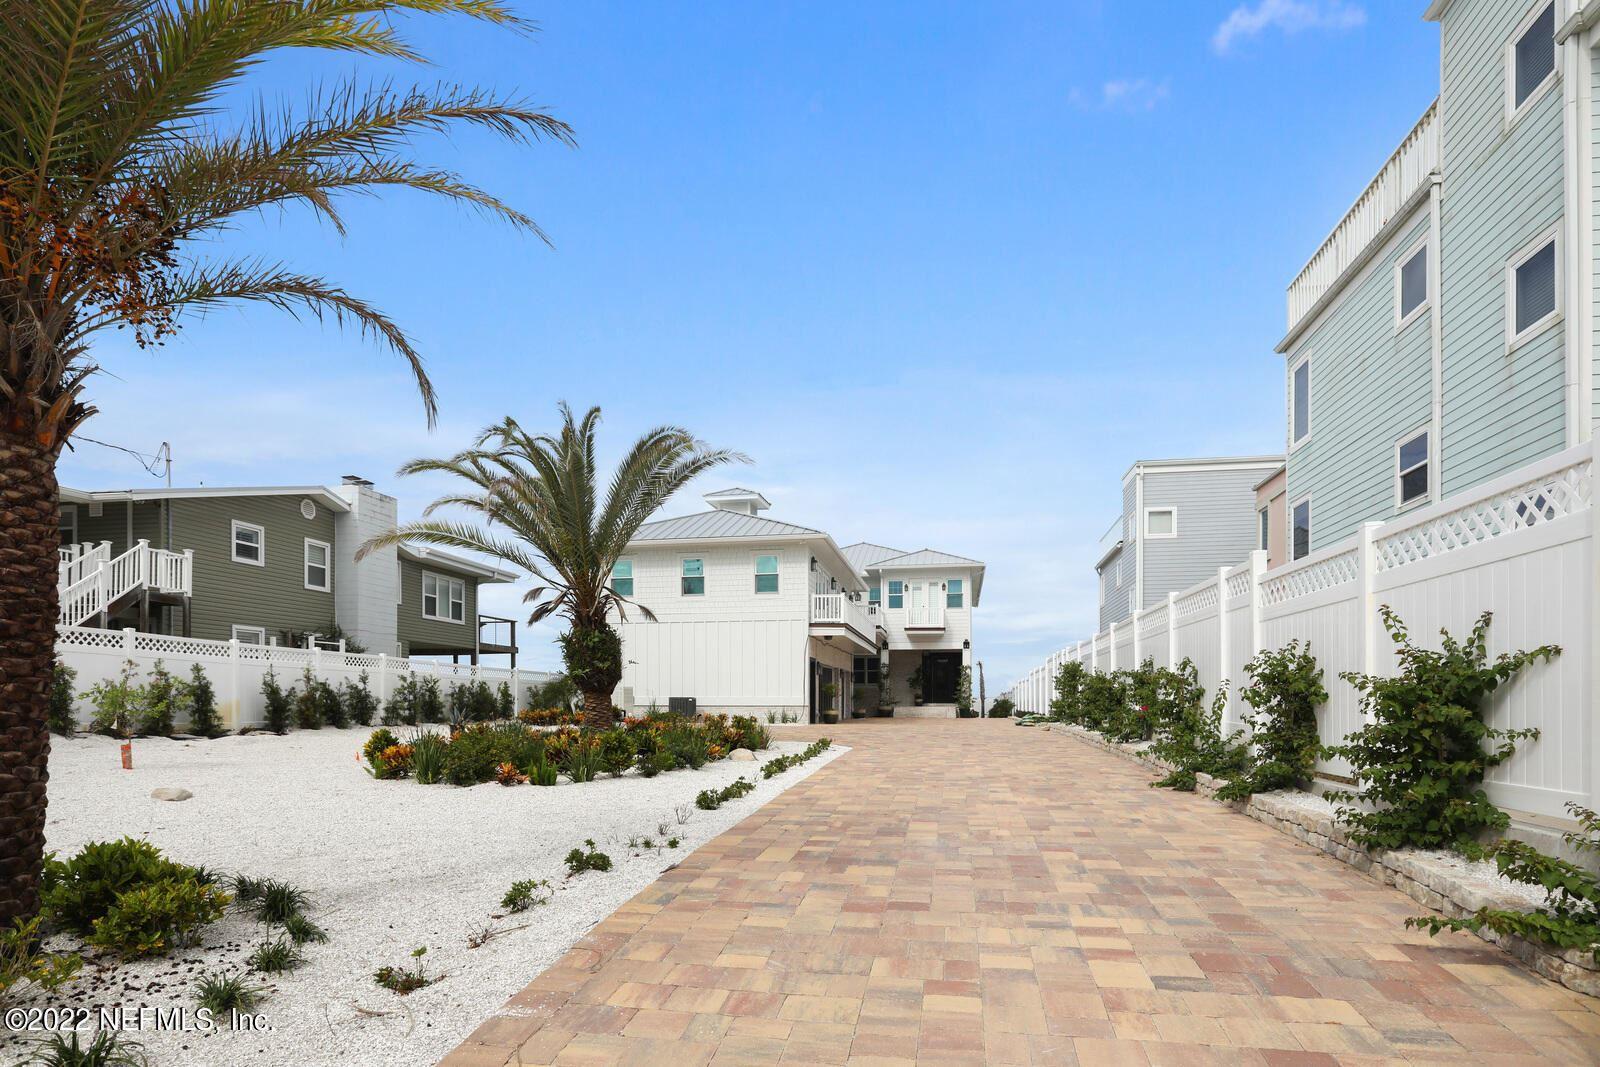 6060 A1A                                                                               Saint Augustine                                                                      , FL - $4,999,900